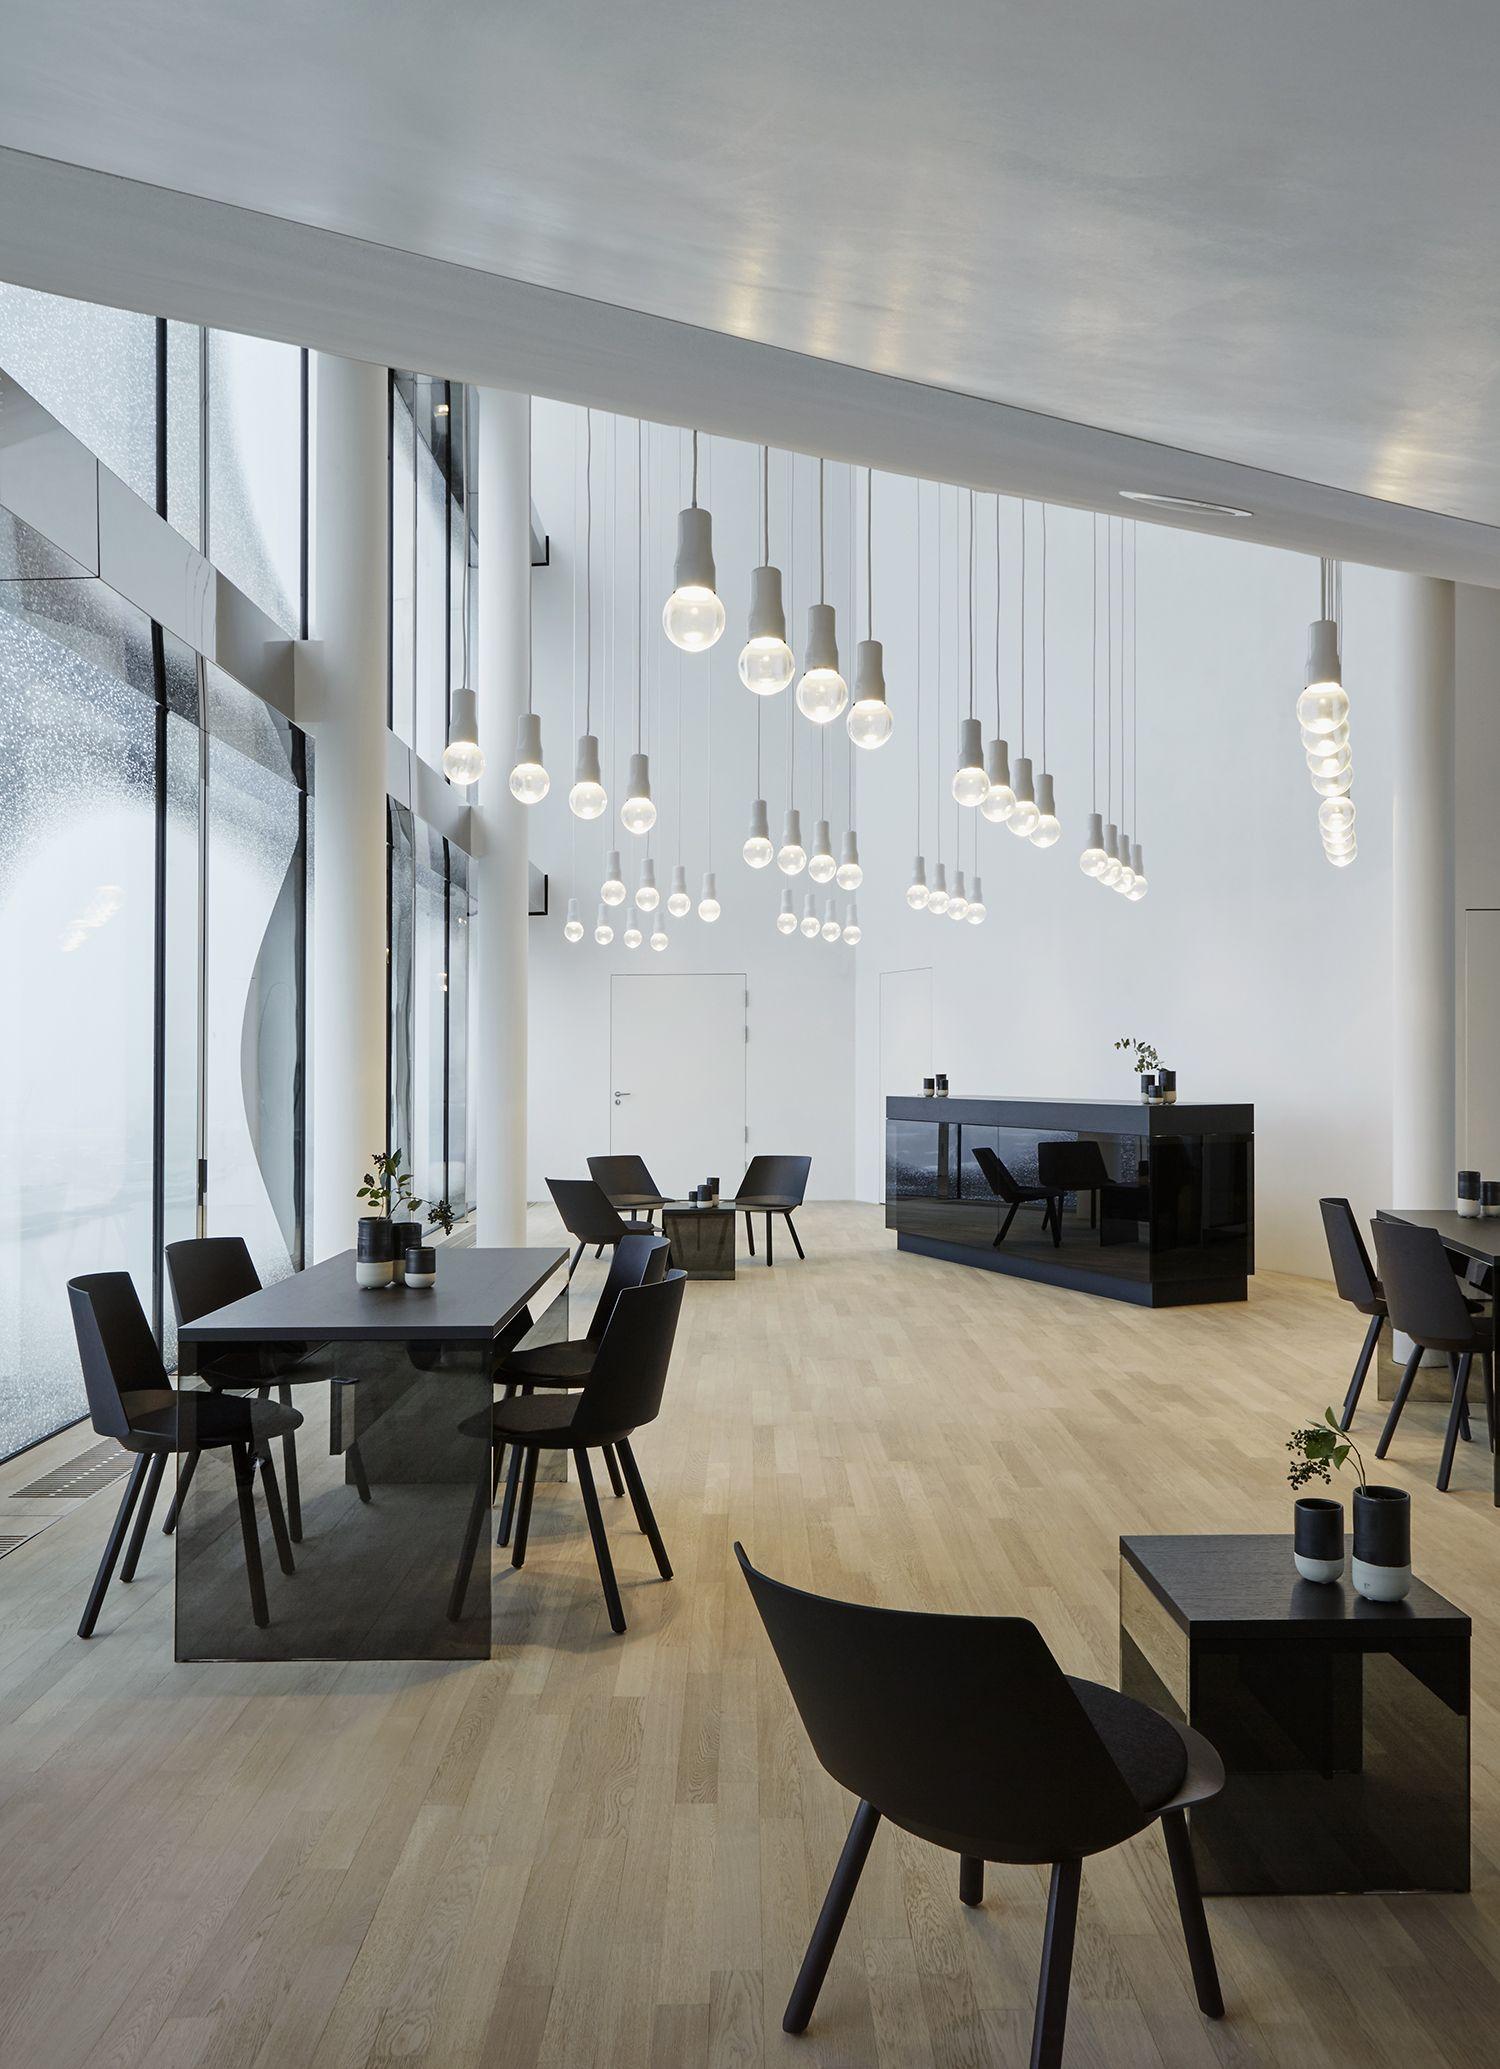 Elbphilharmonie: Möblierung und Architektur im Einklang | Bar ...